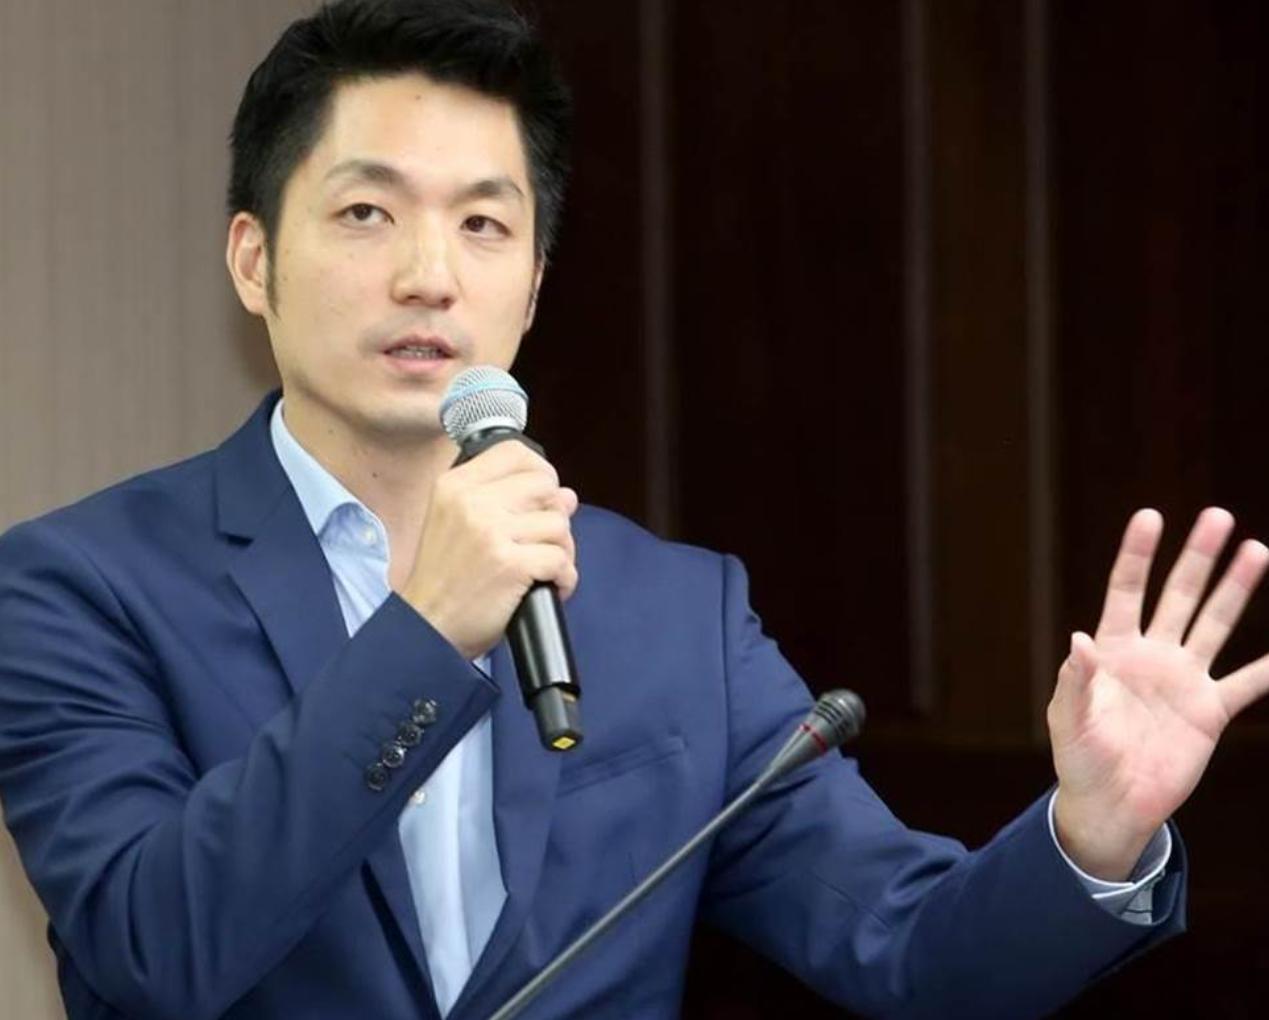 國民黨2022縣市選舉內部形勢穩定力拼贏回北台灣4城